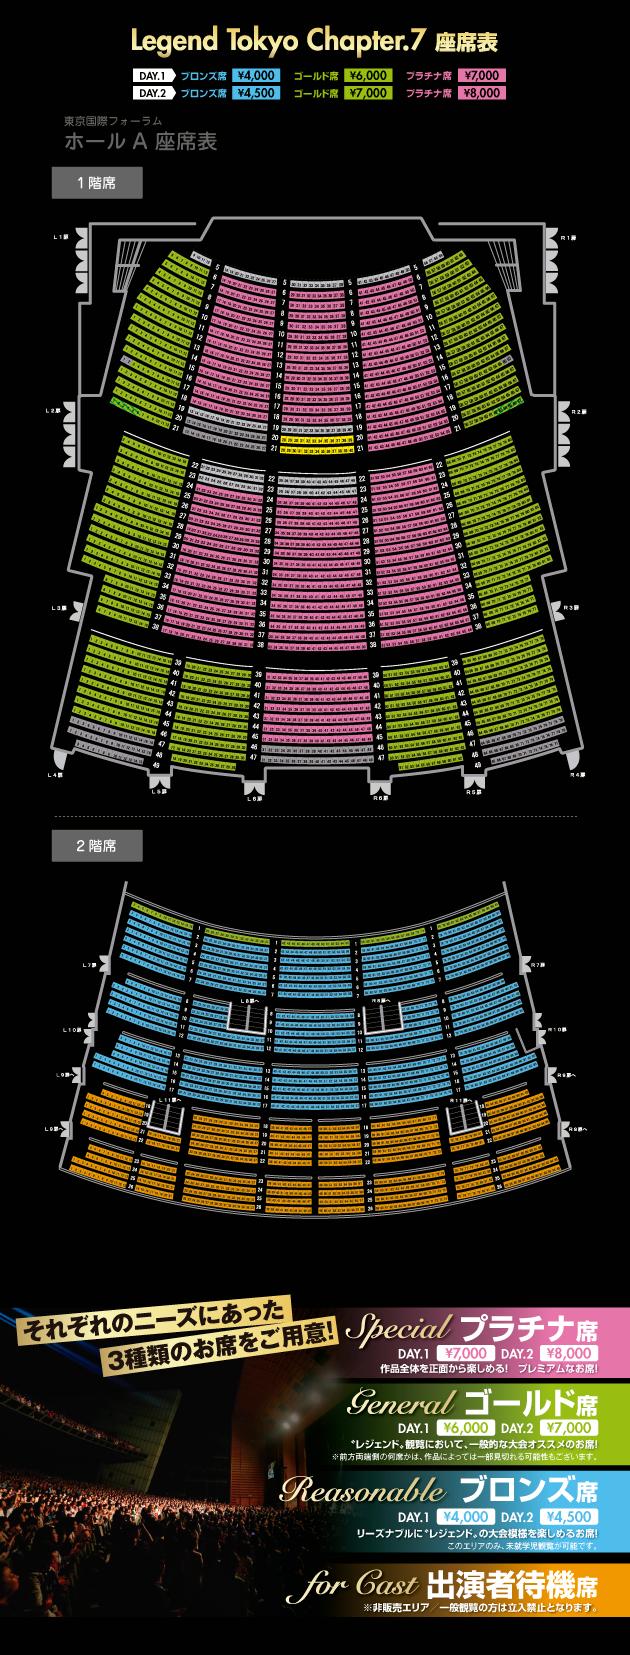 それぞれのニーズに合ったお席を3種類ご用意!